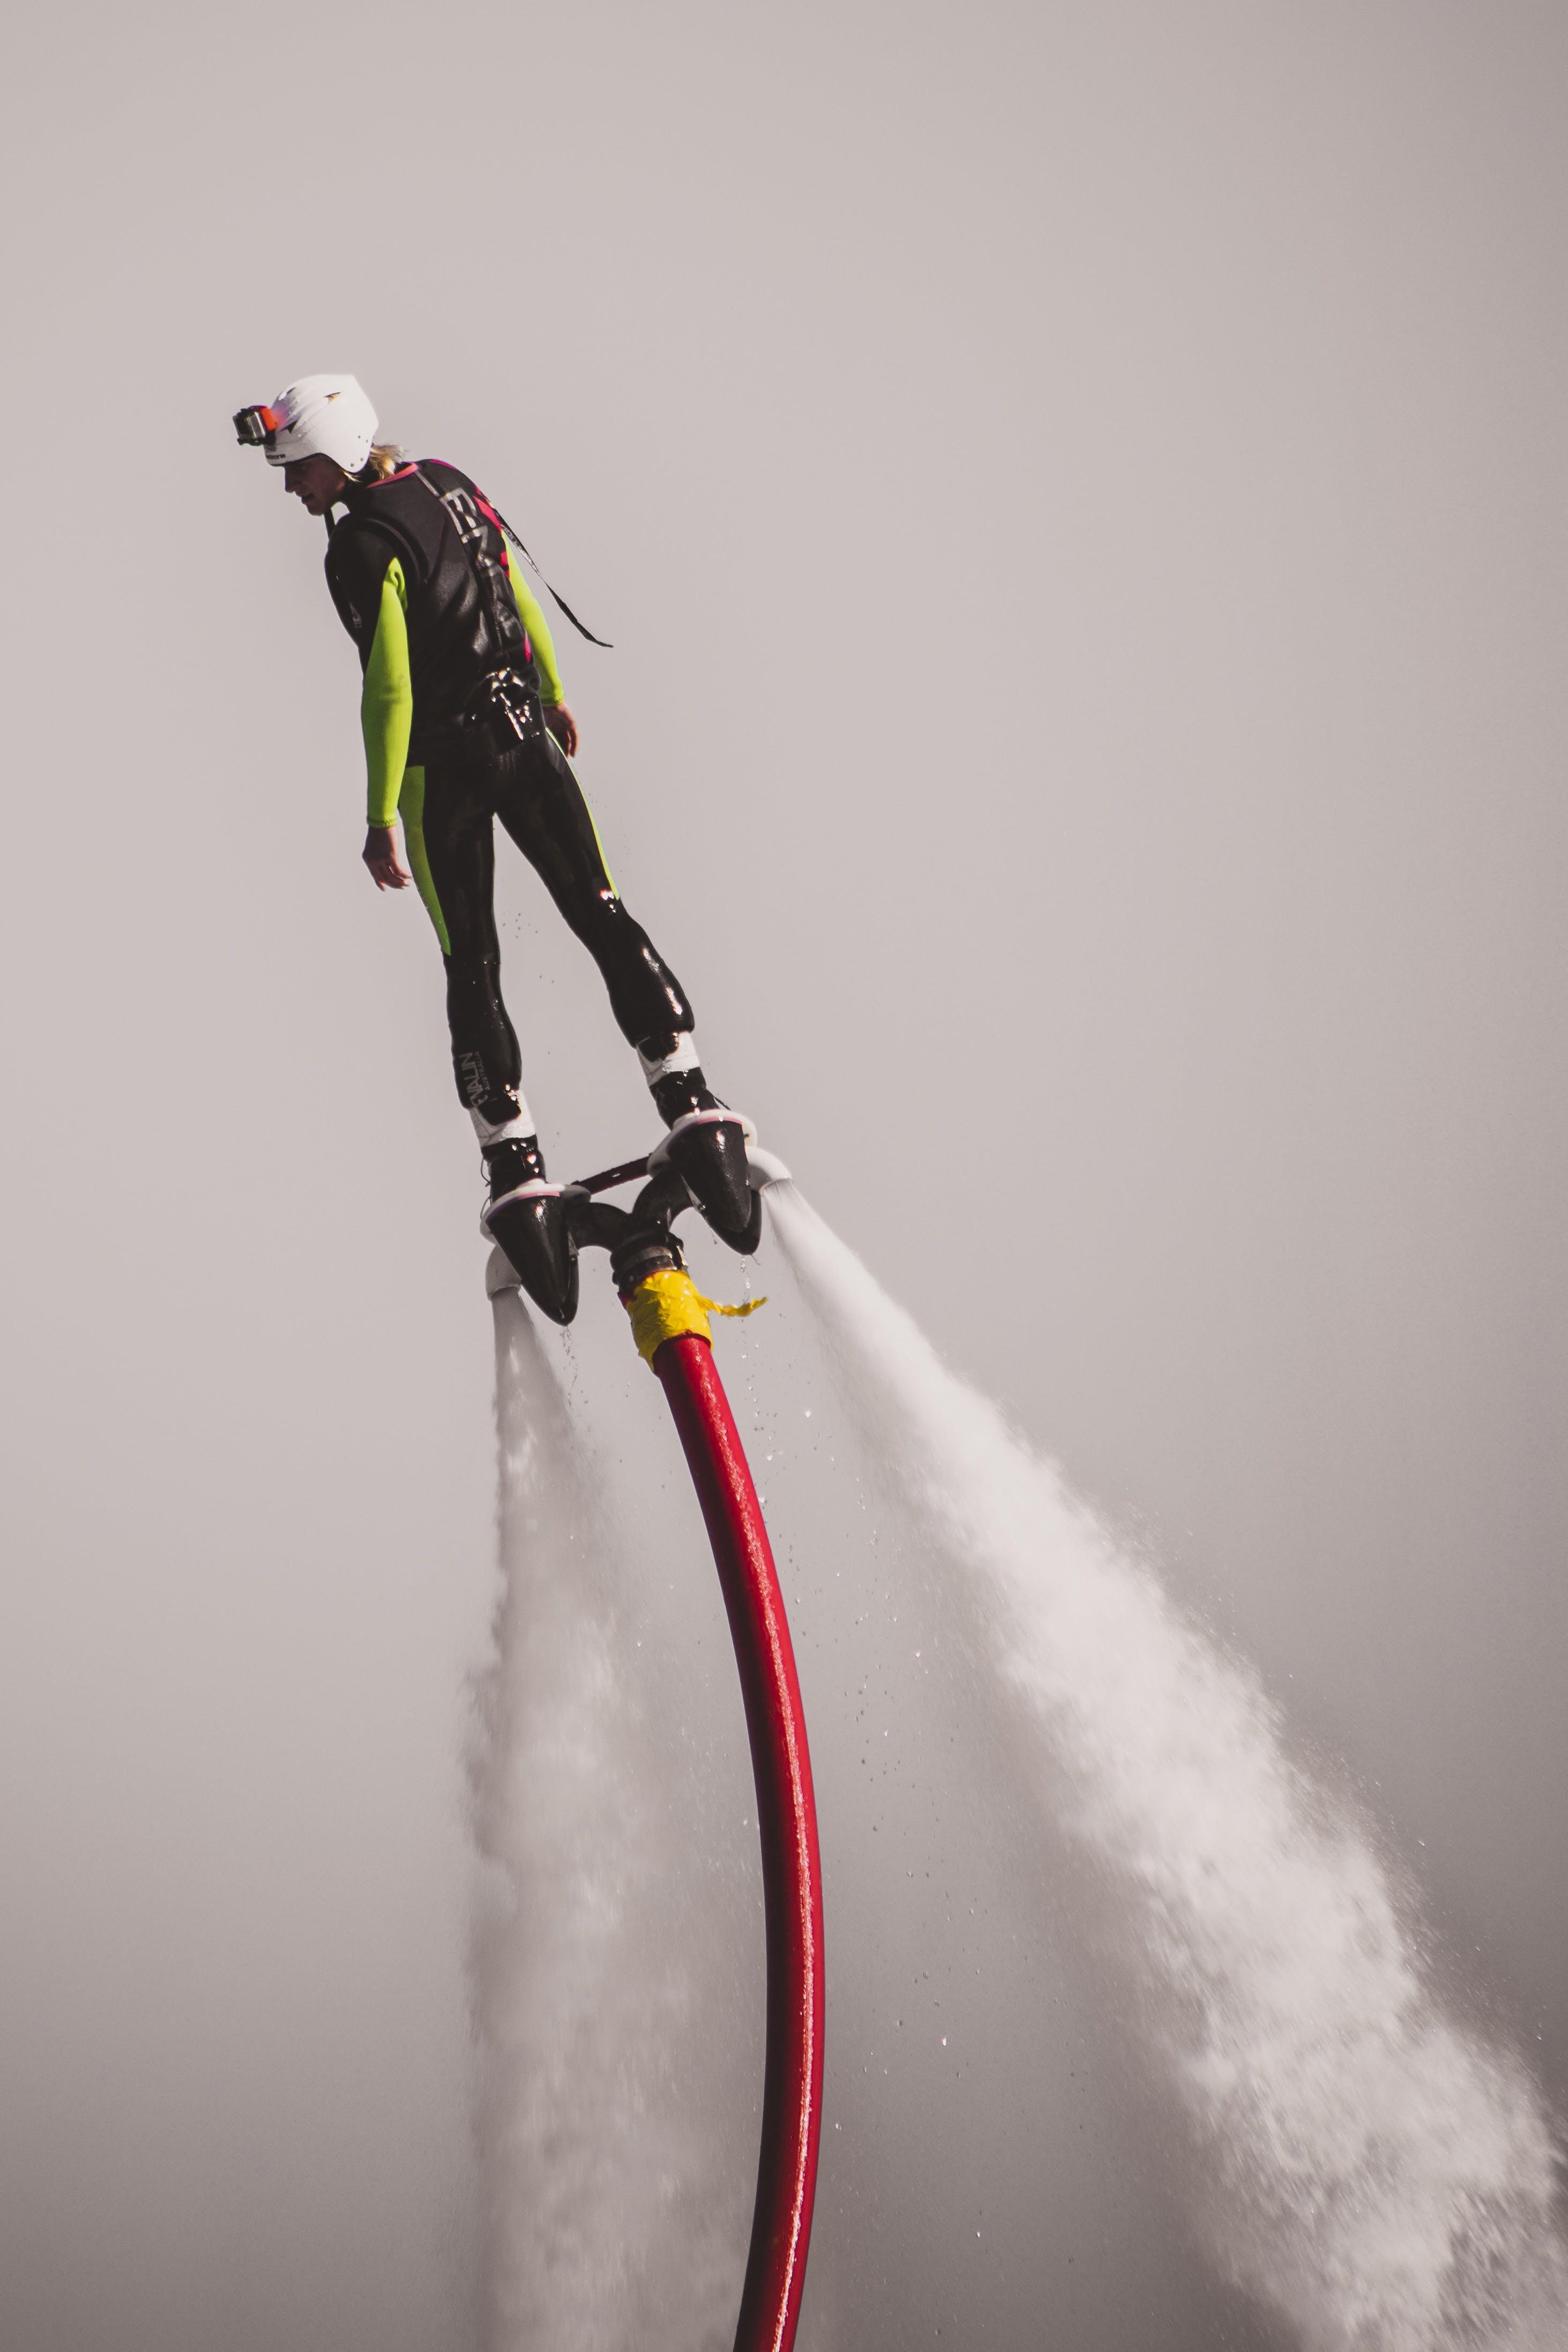 Man on Water Jet Board